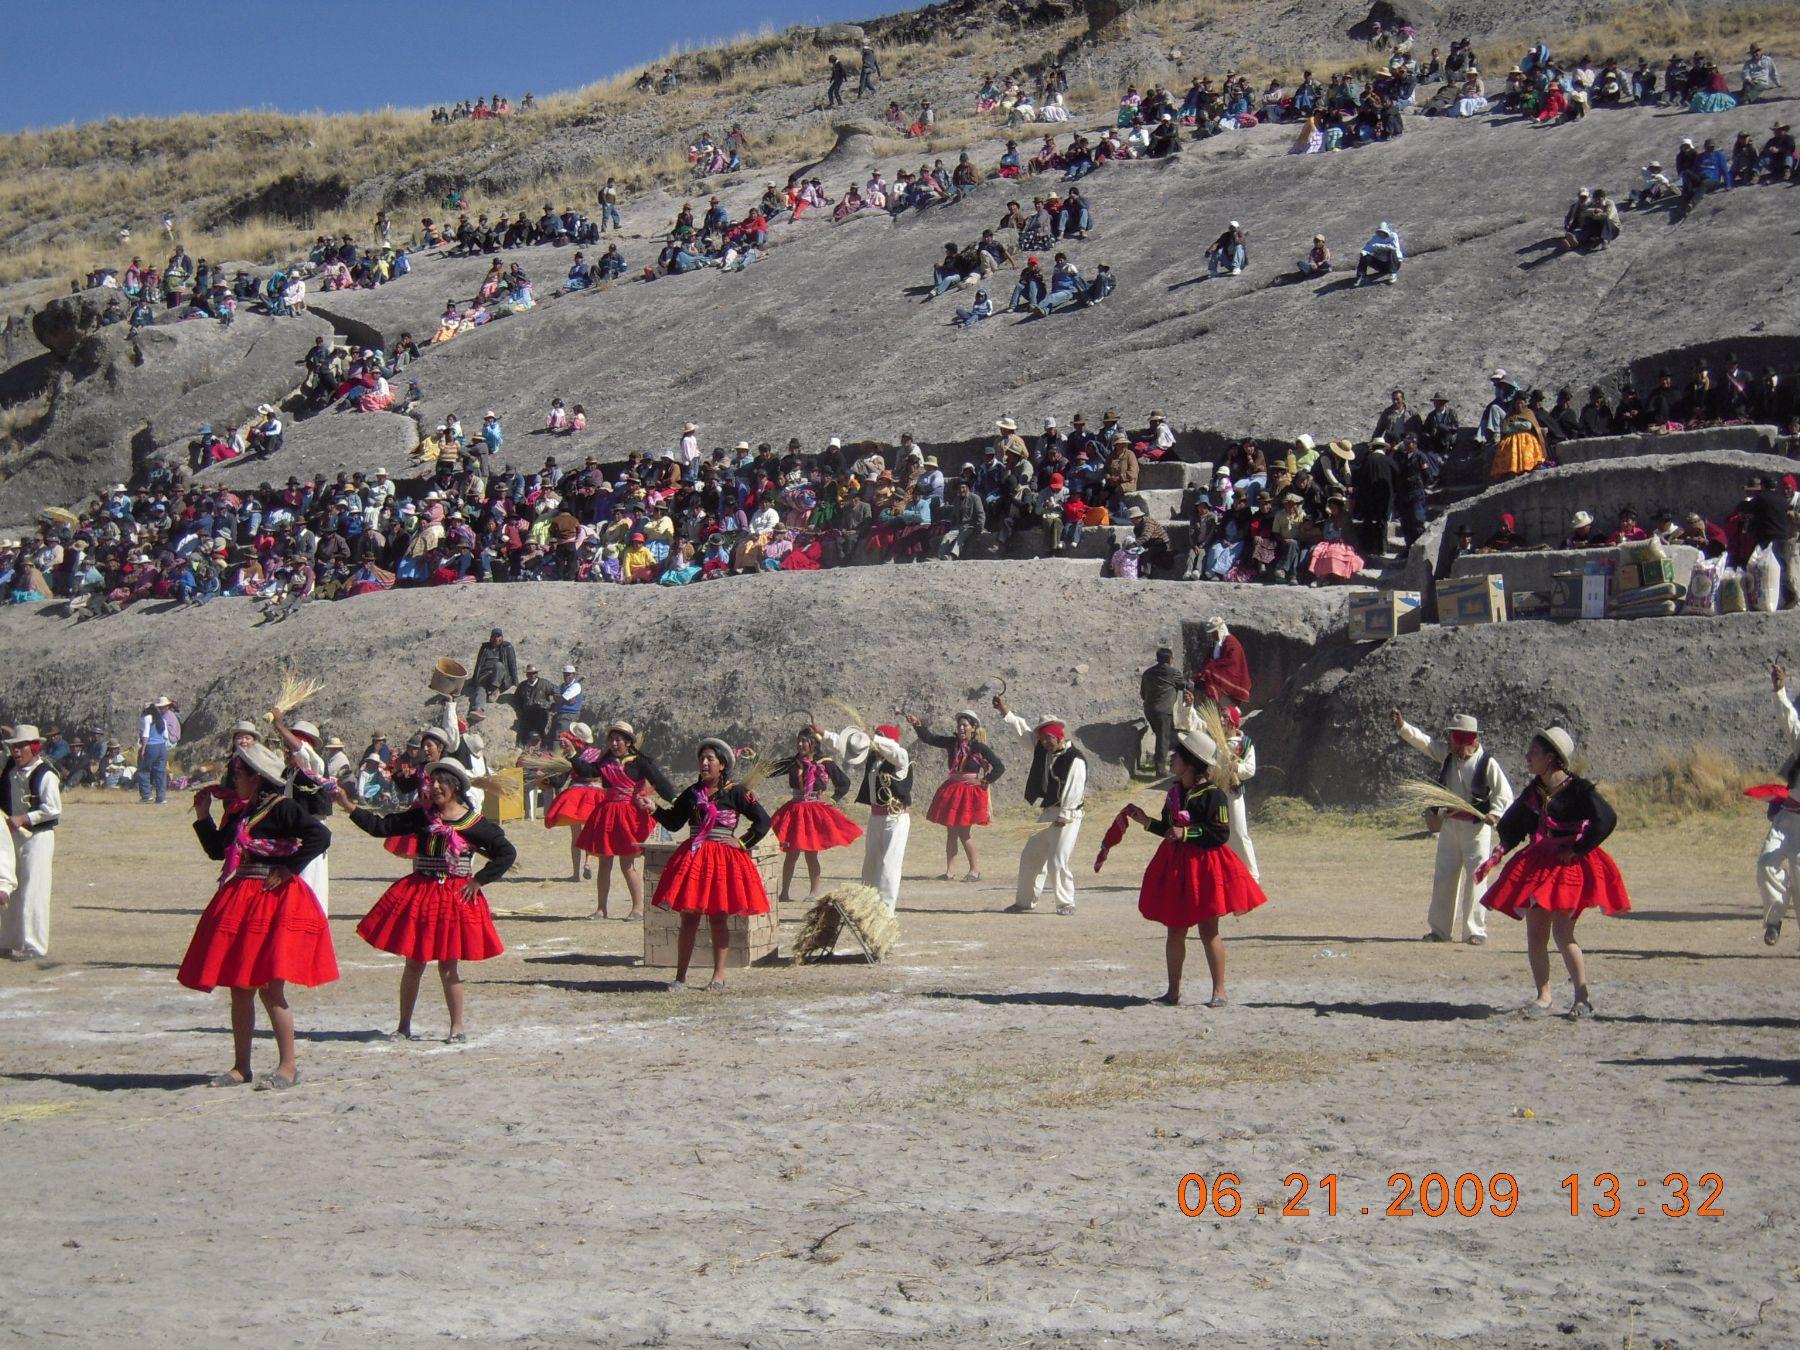 Yunguyo, en Puno, celebrará año nuevo andino con festival de danzas